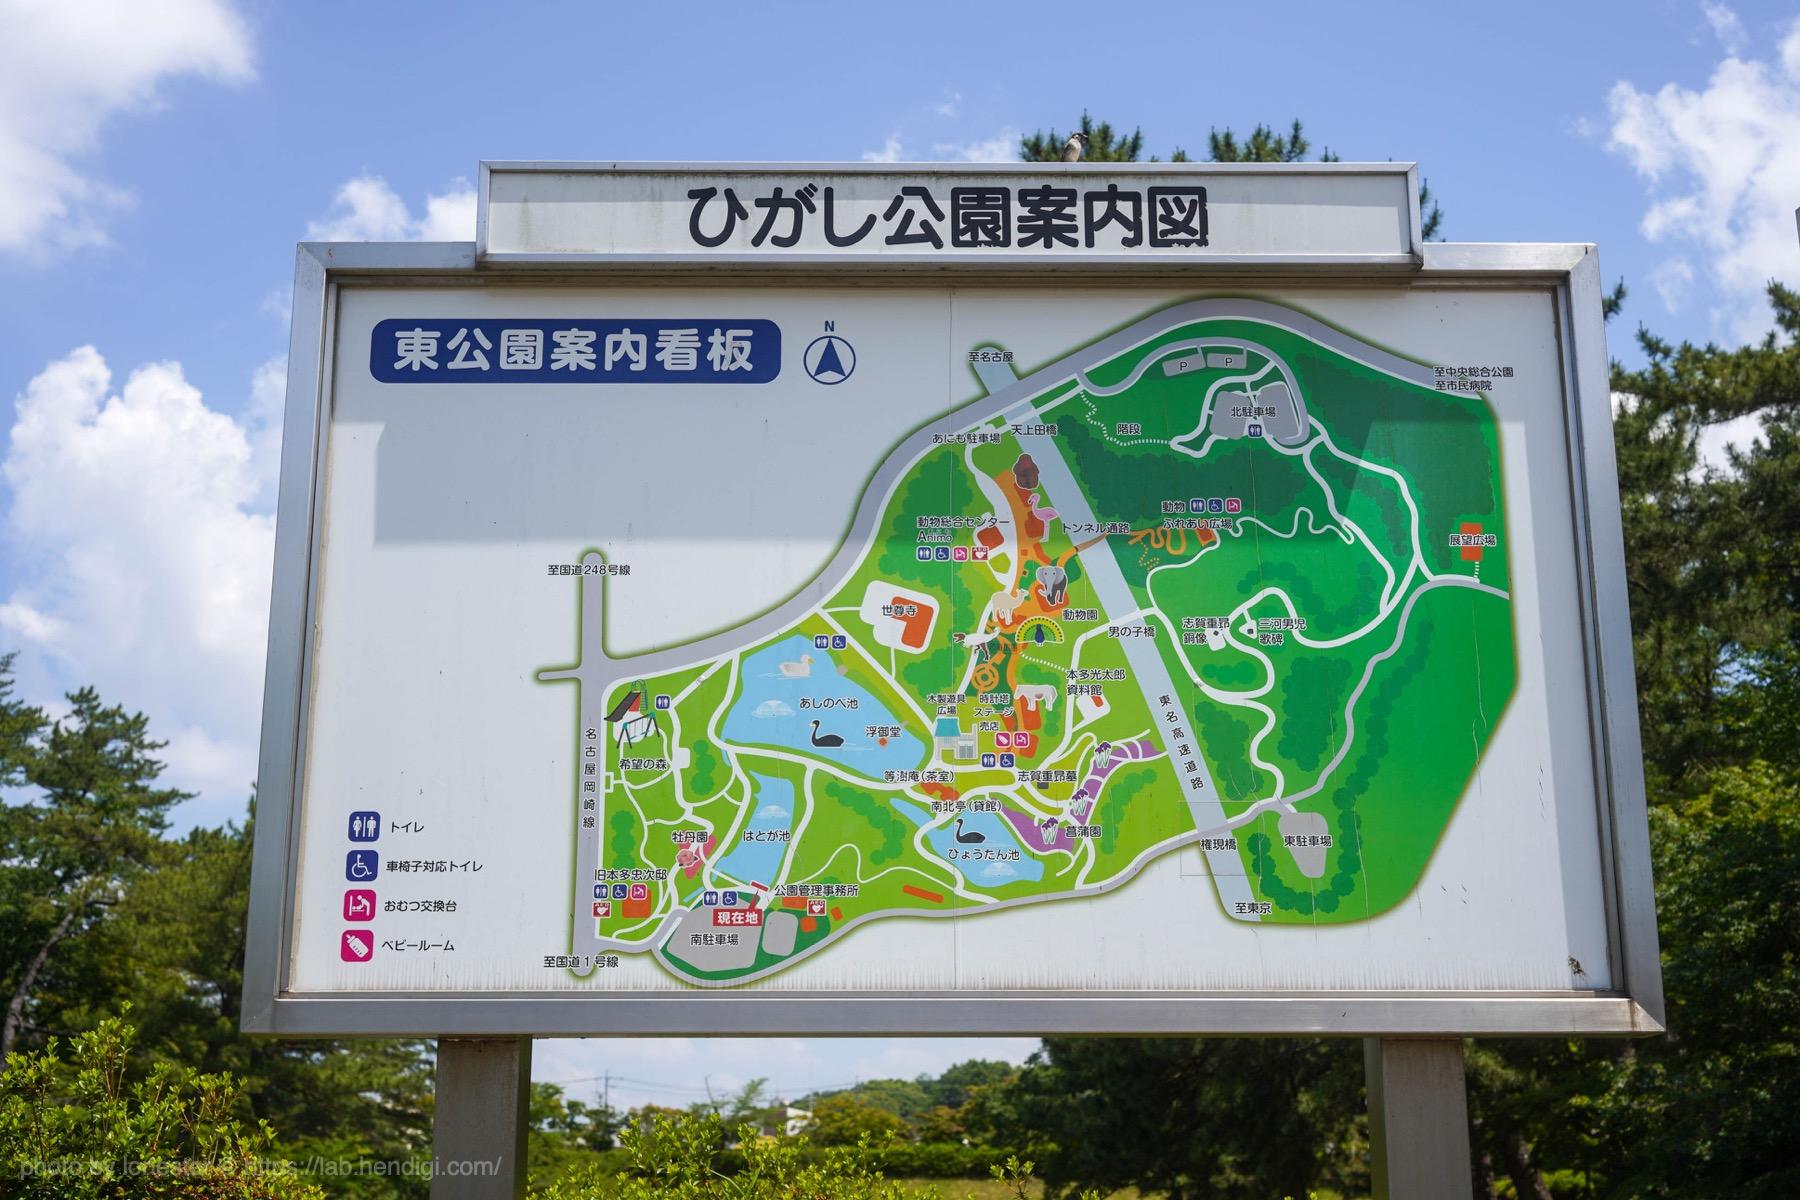 岡崎市 東公園 花菖蒲まつり